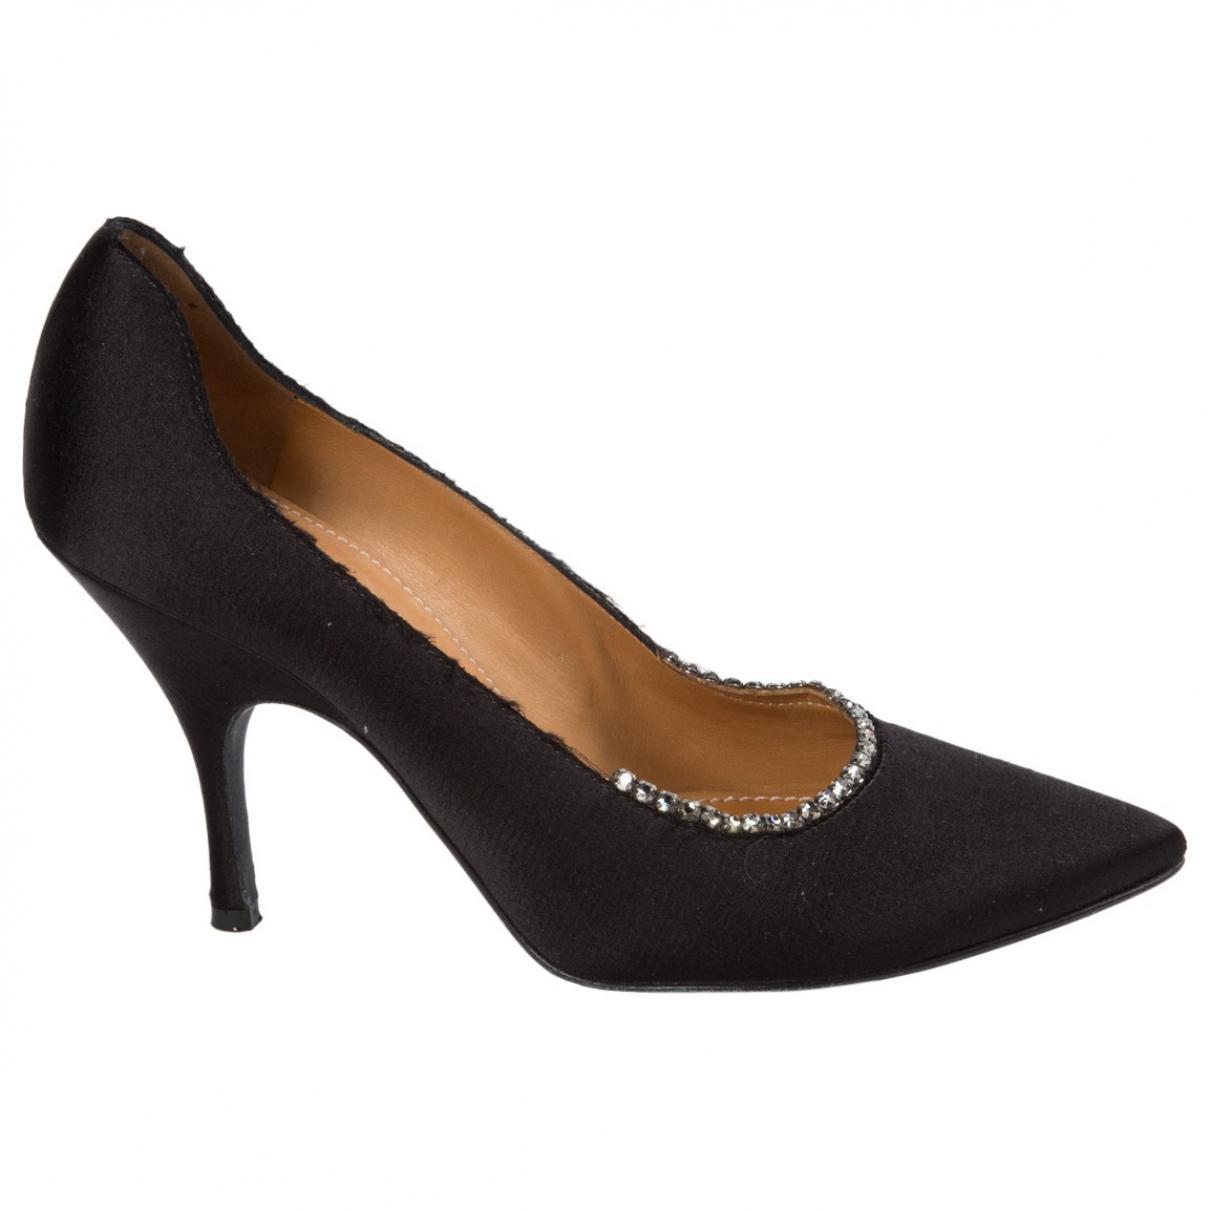 Pre-owned - Cloth heels Lanvin 6b8Q7